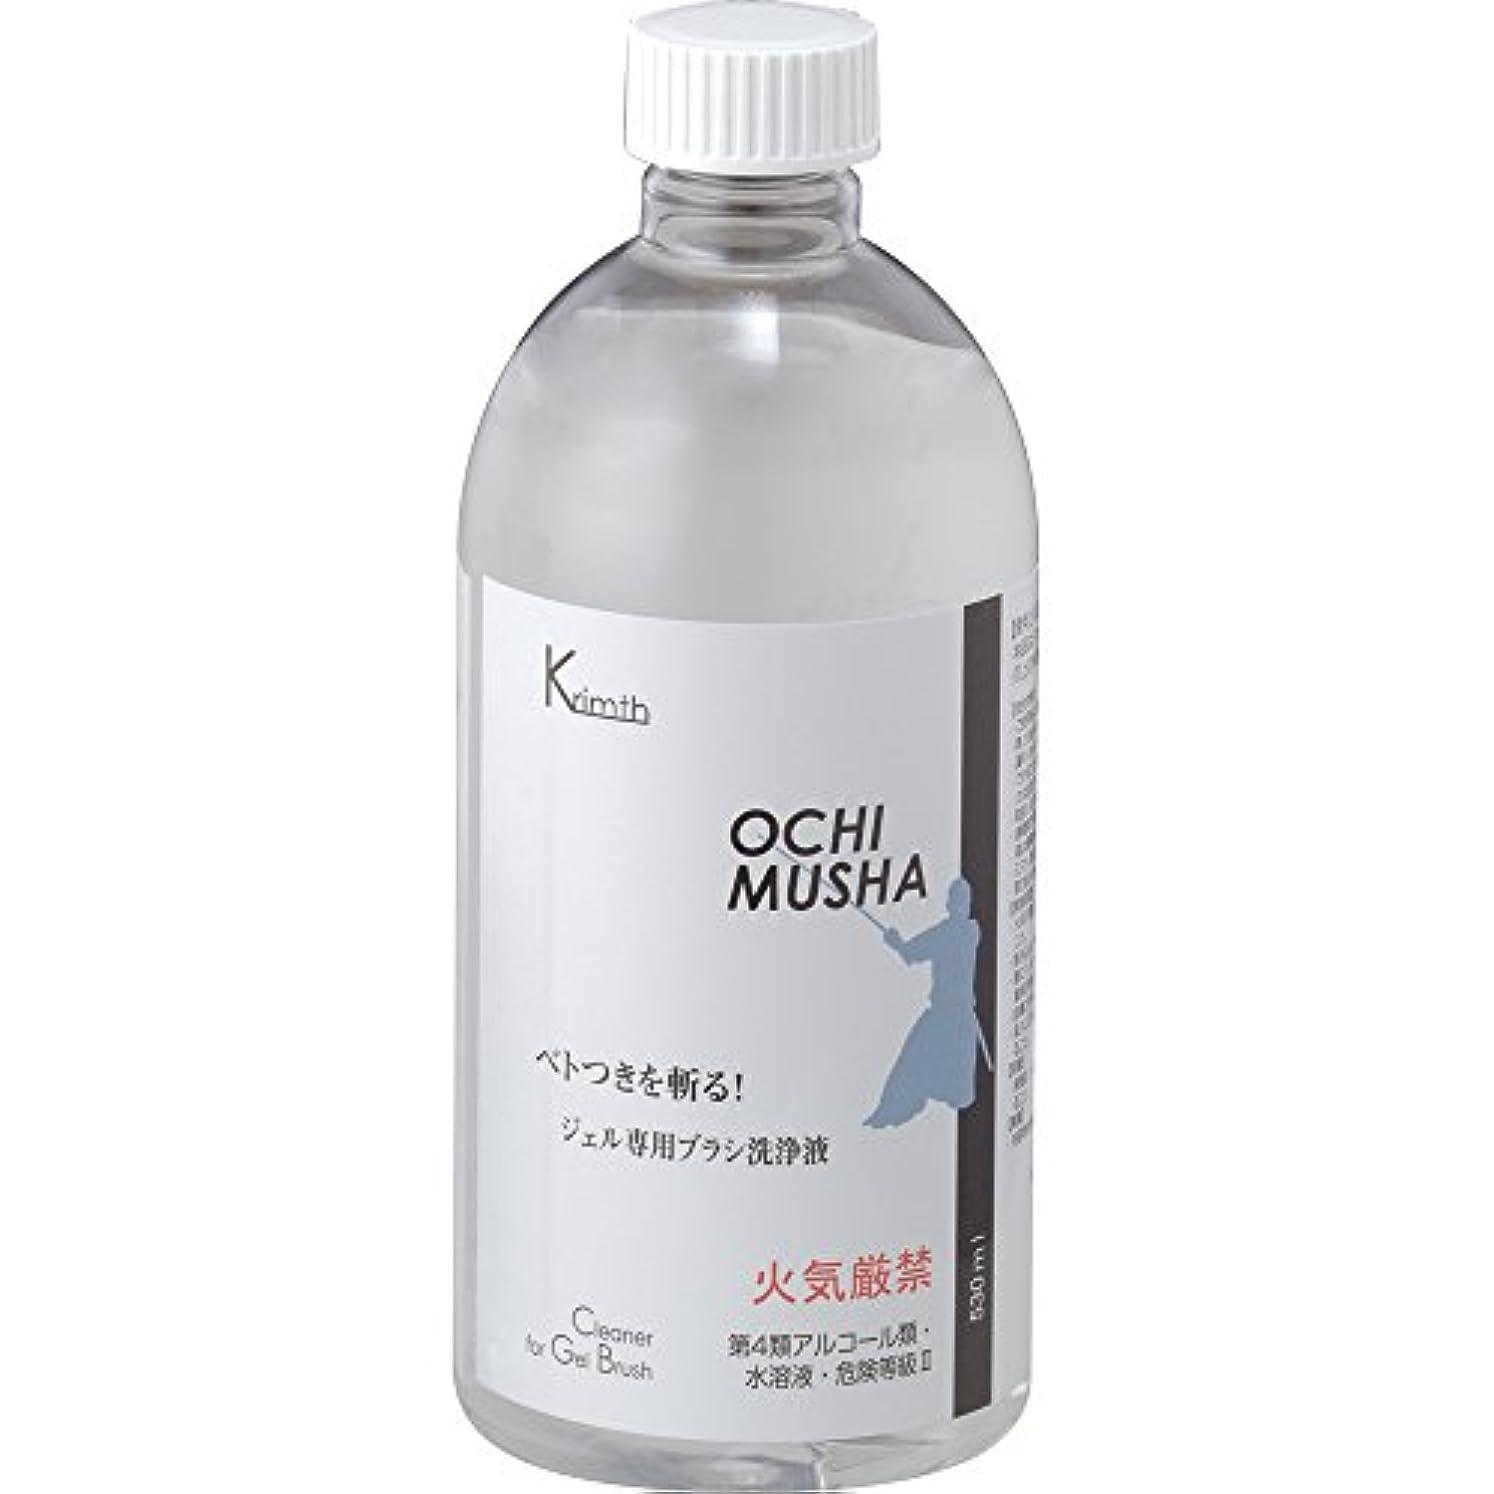 熟読するまろやかな状況Krimth Ochimusha 530ml